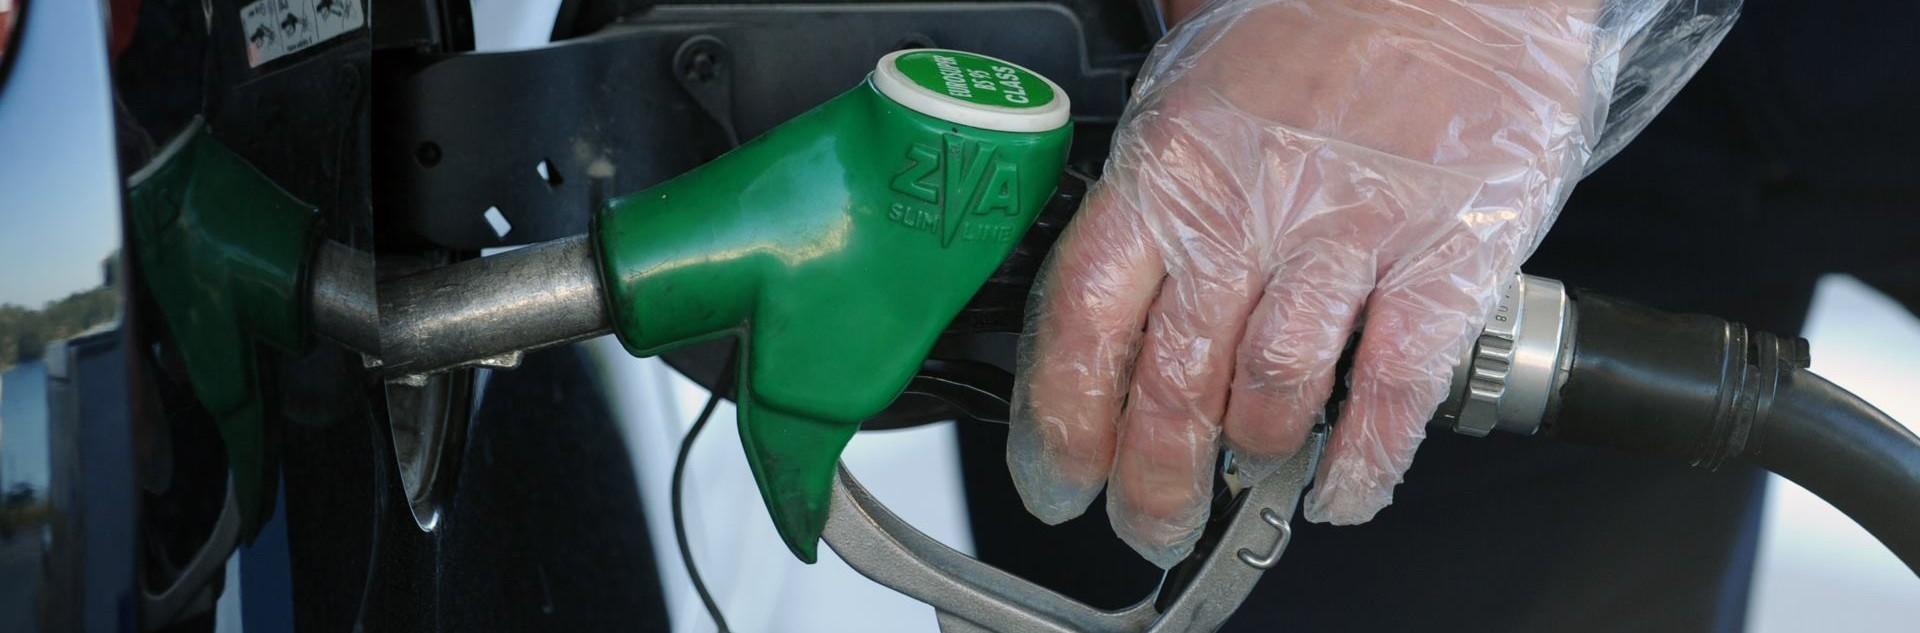 LOŠA VIJEST ZA VOZAČE: Osjetno skočile cijene svih goriva